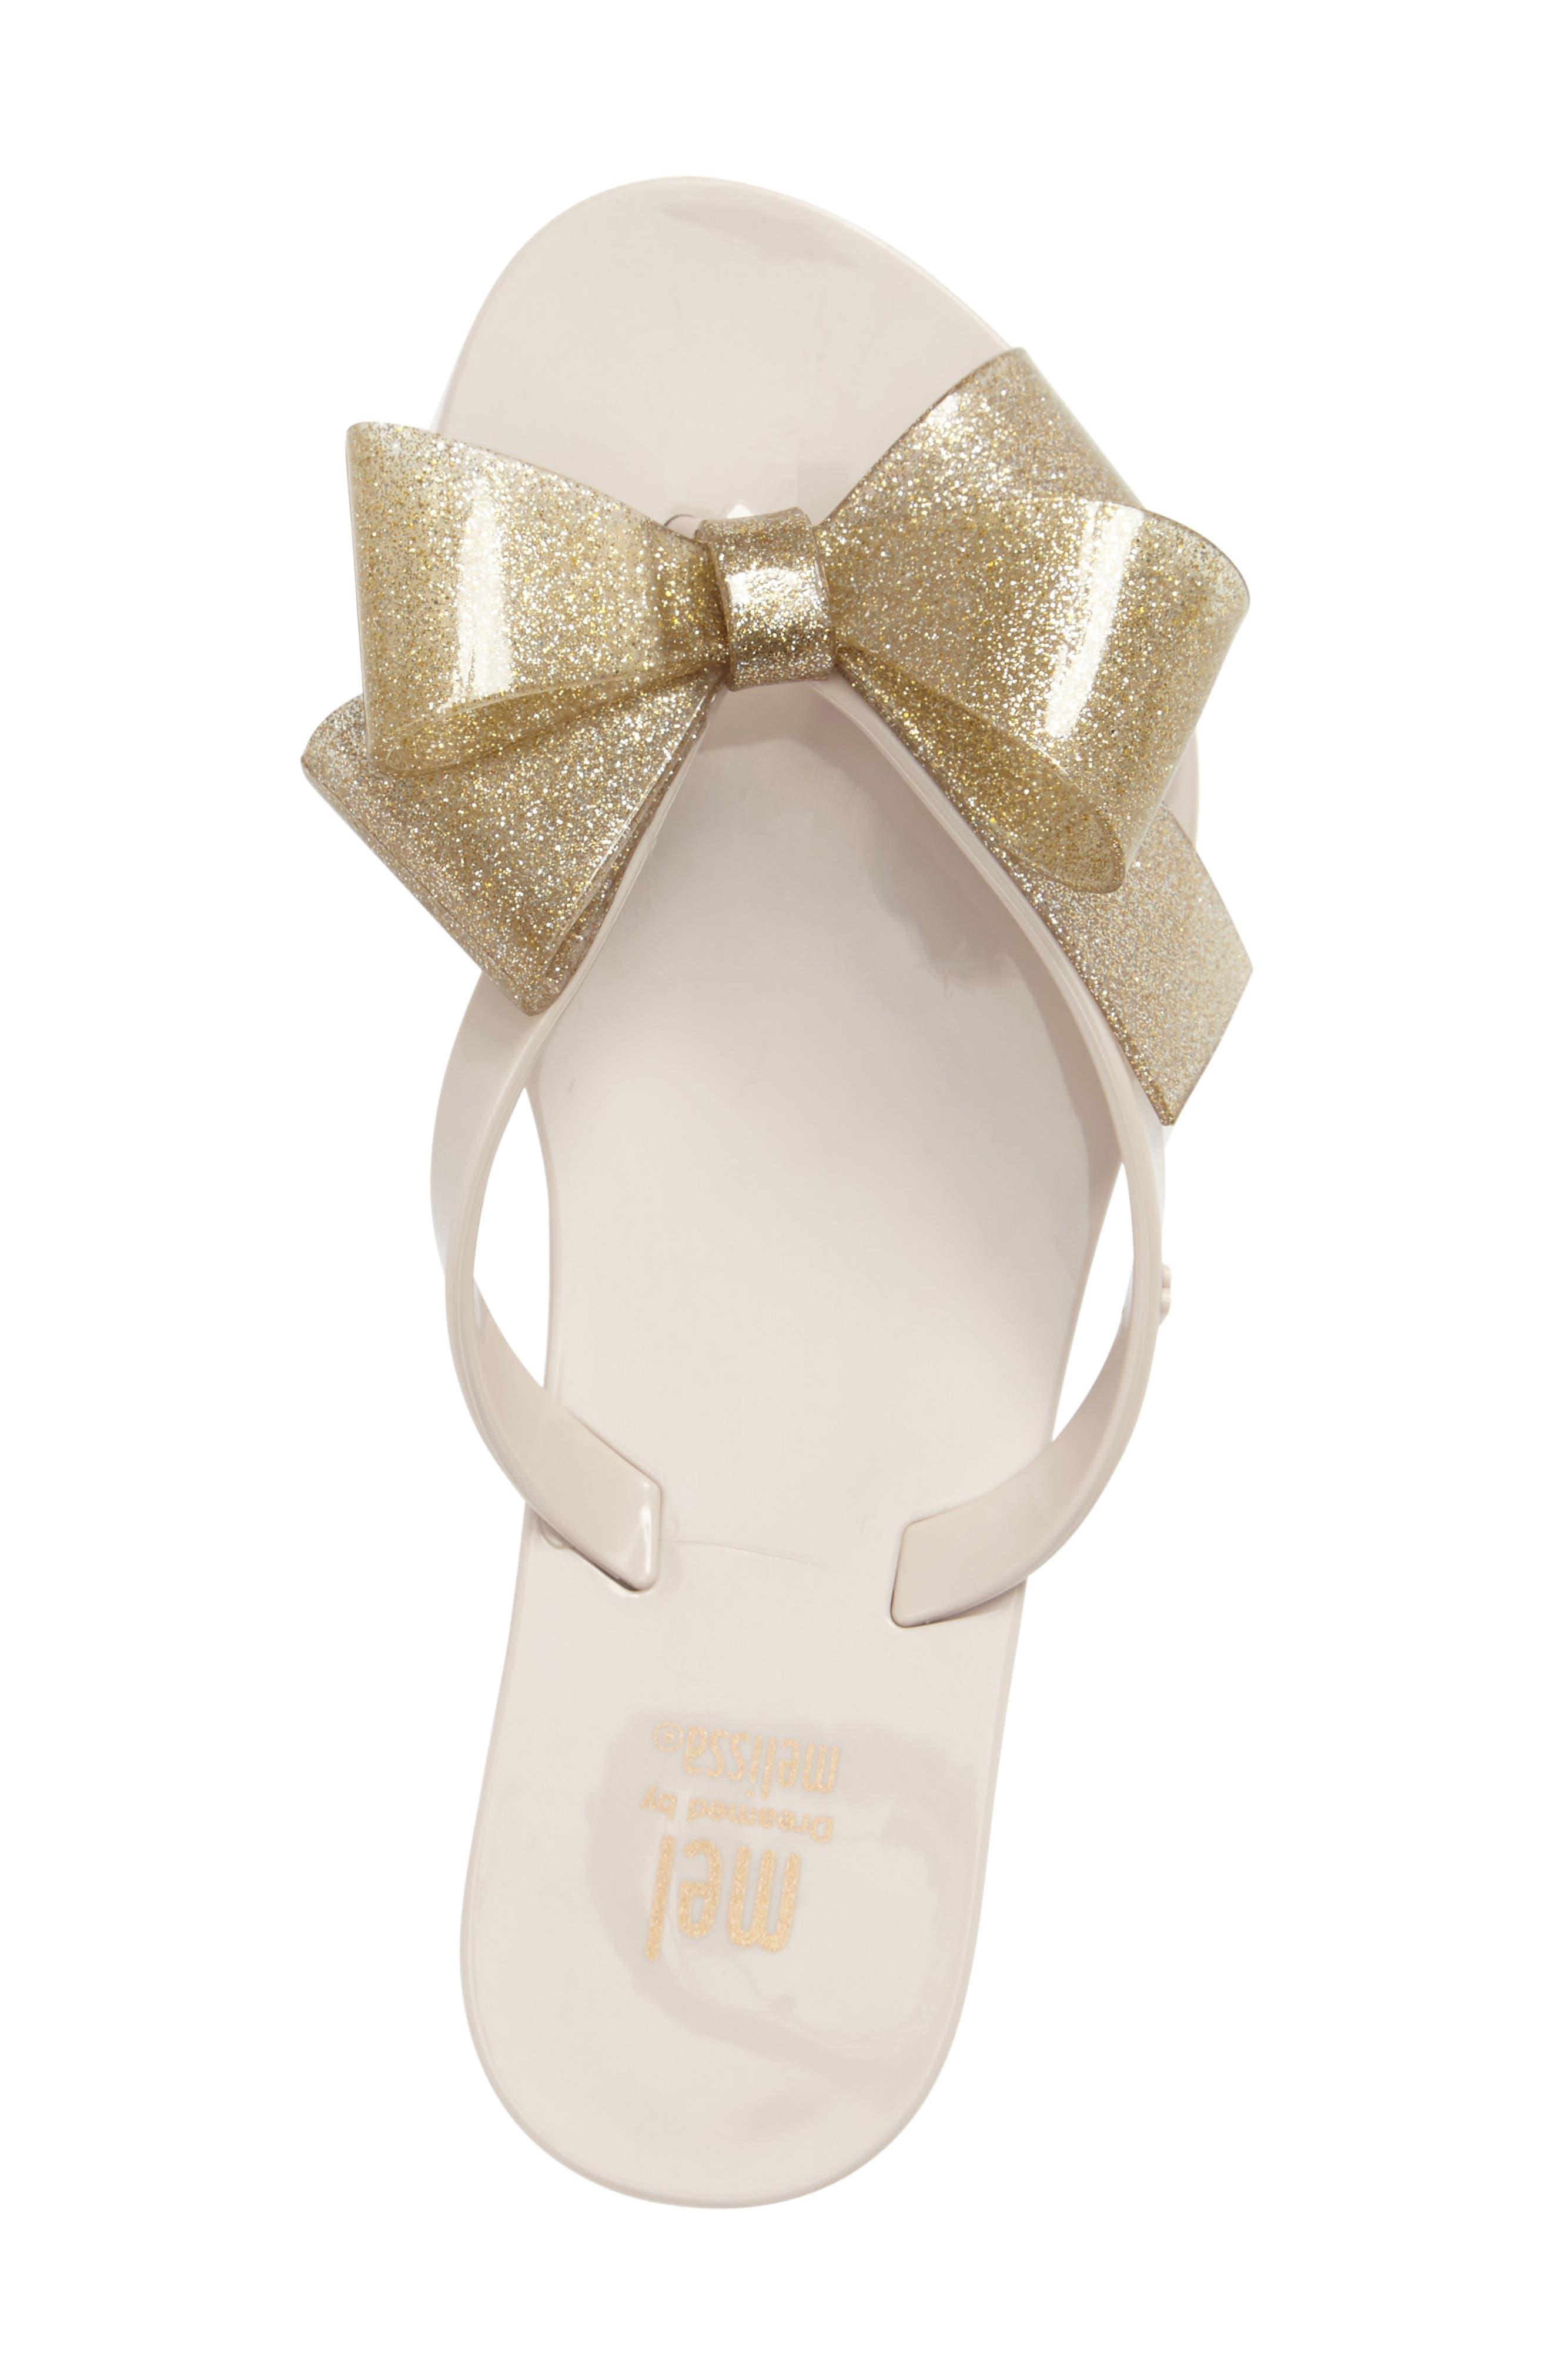 Harmonic Bow III Sandal,                             Alternate thumbnail 3, color,                             Beige Gold Glitter